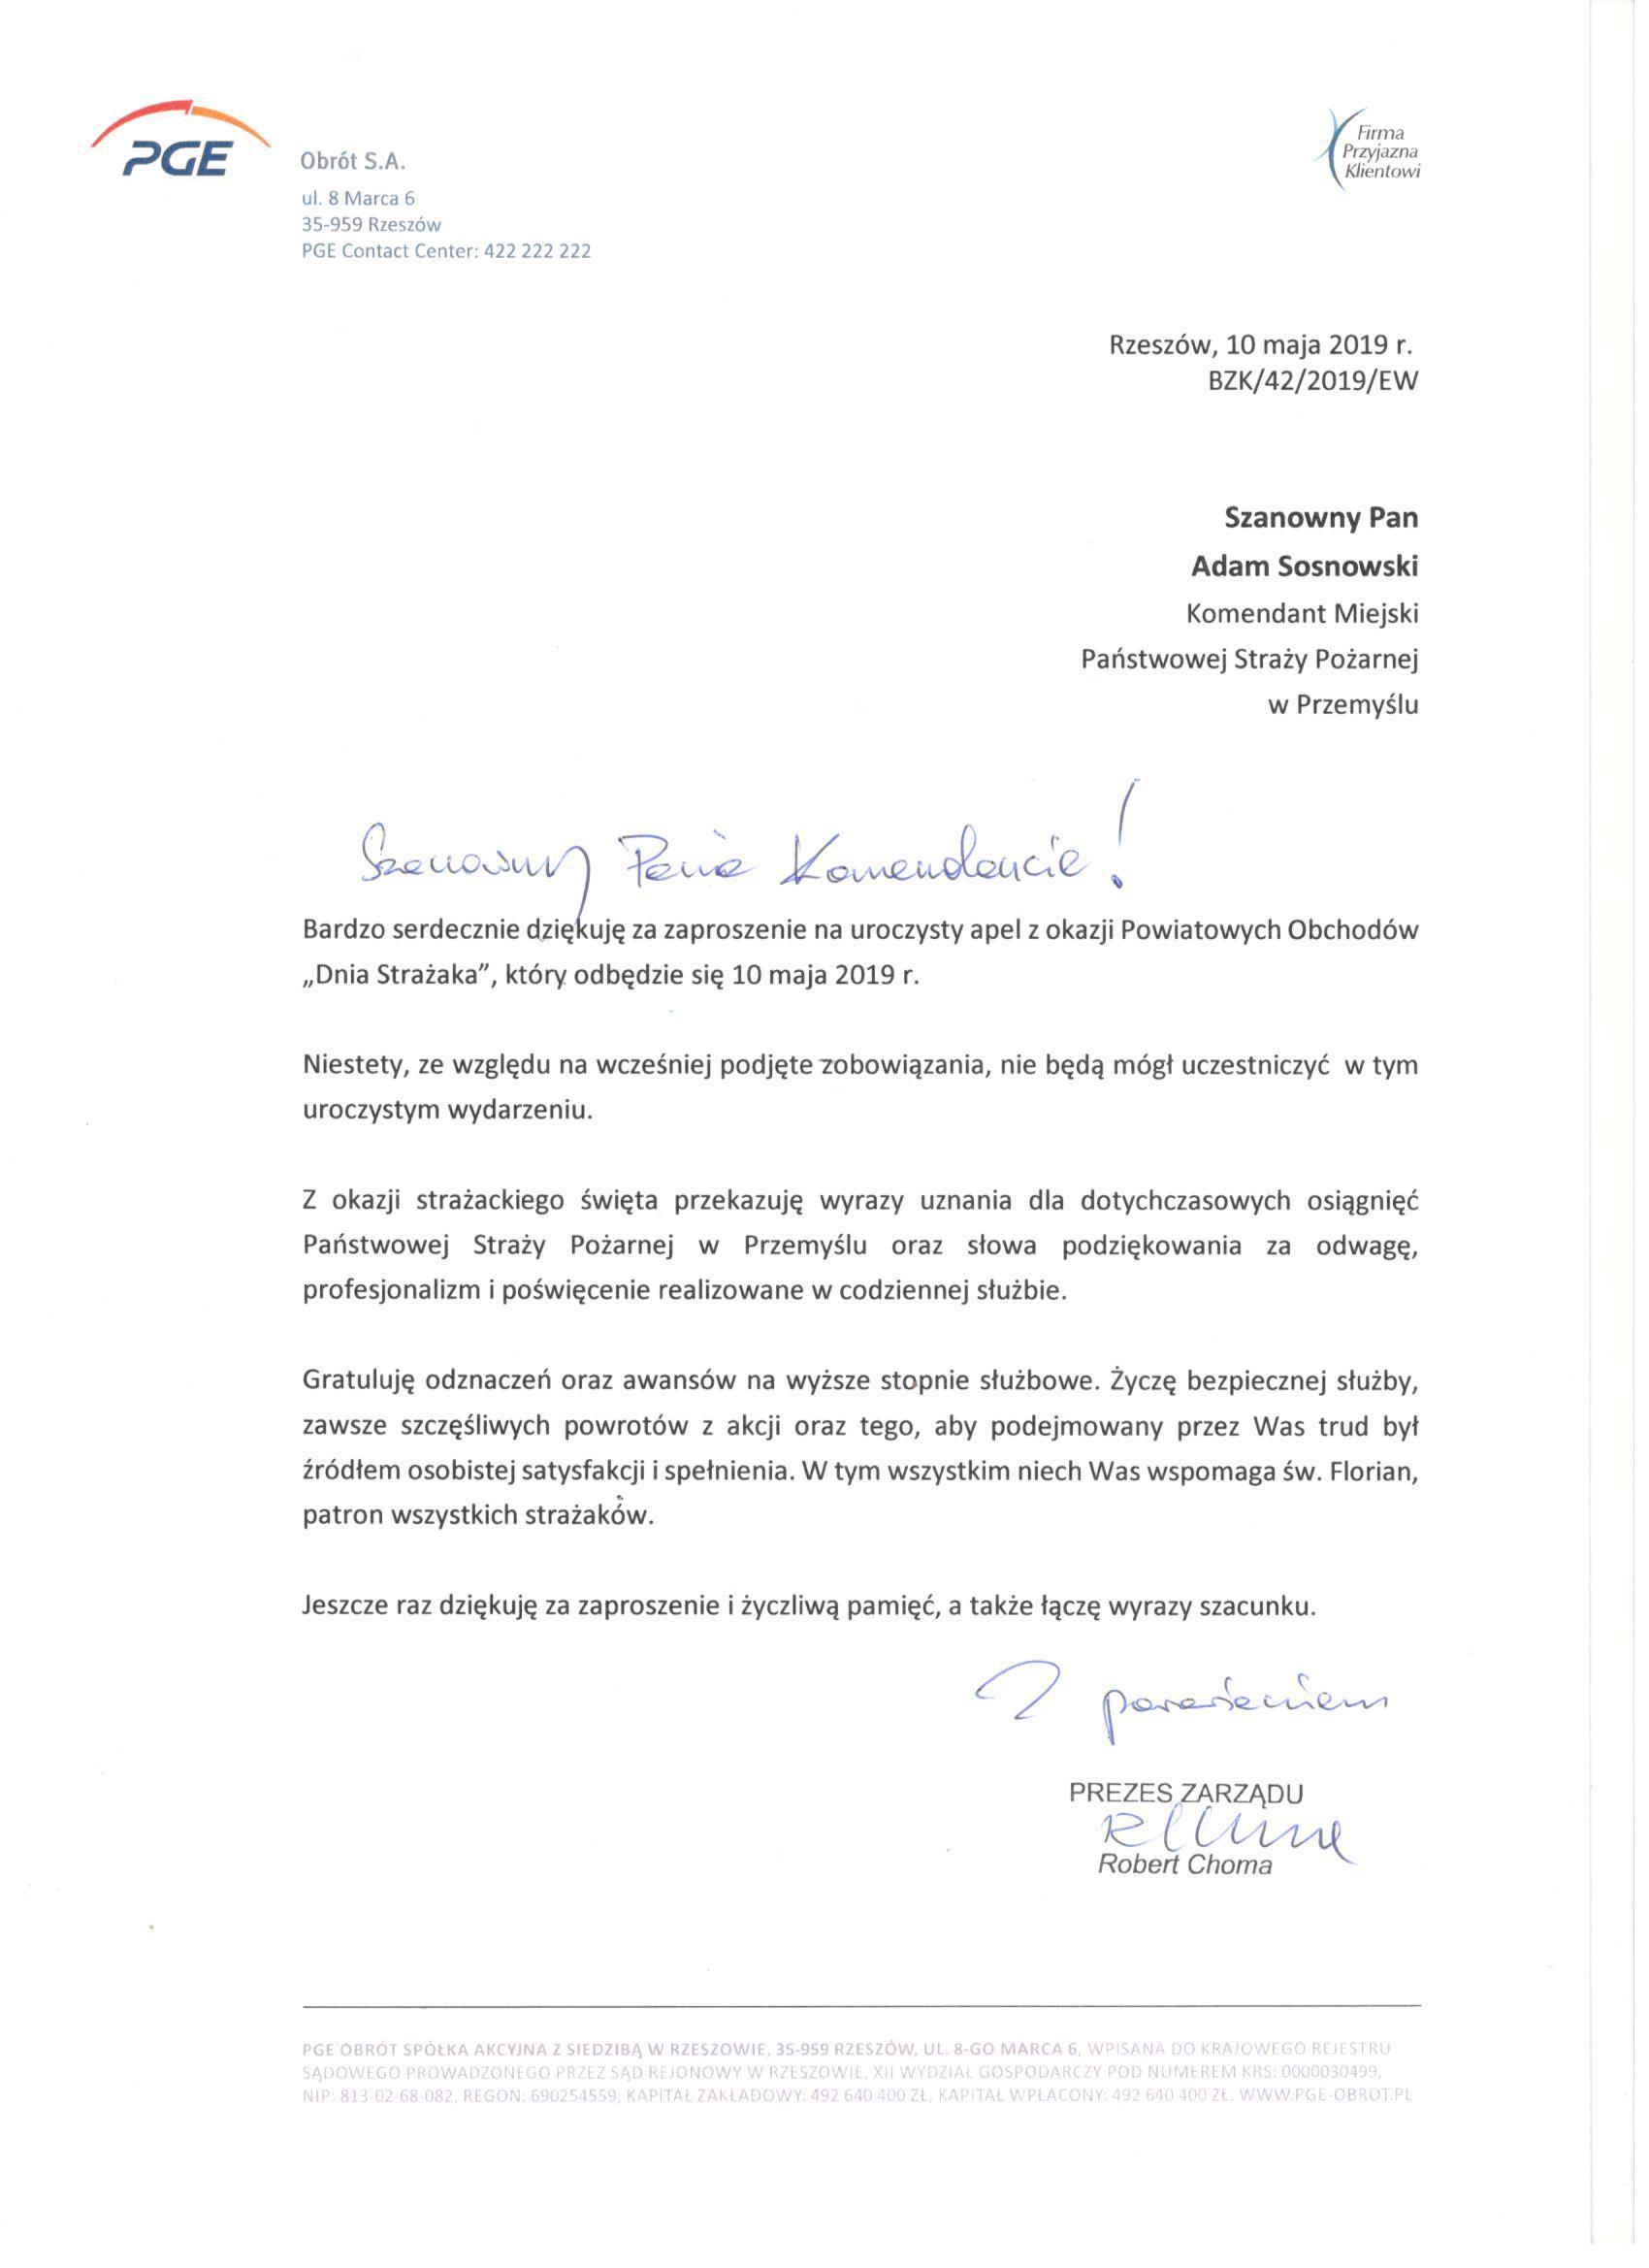 życzenia-zDyrektor-PGE